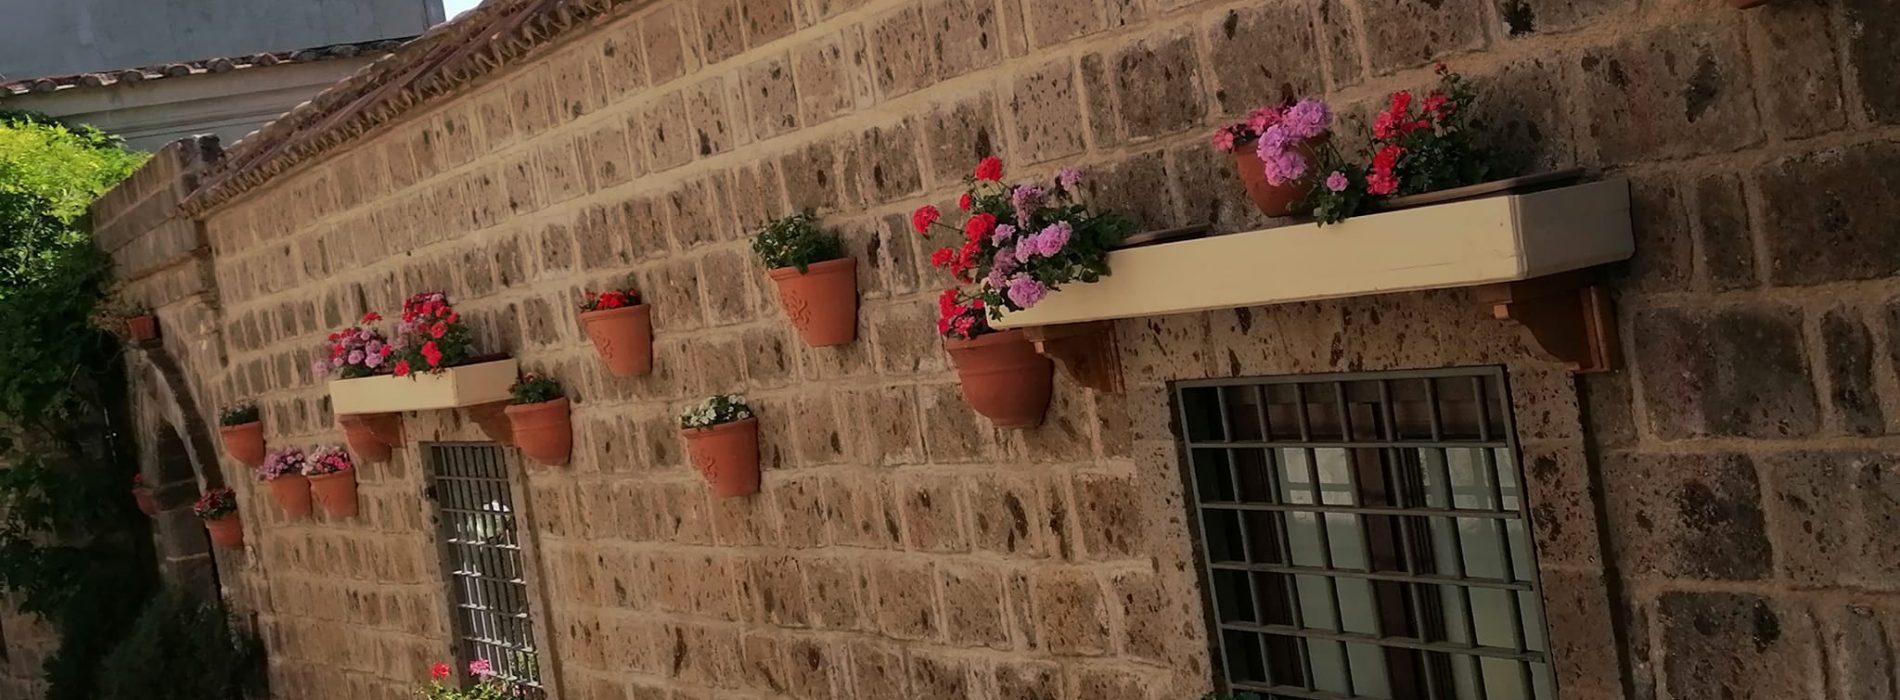 Rinascono a Casertavecchia i fiori, il Borgo riparte dai colori